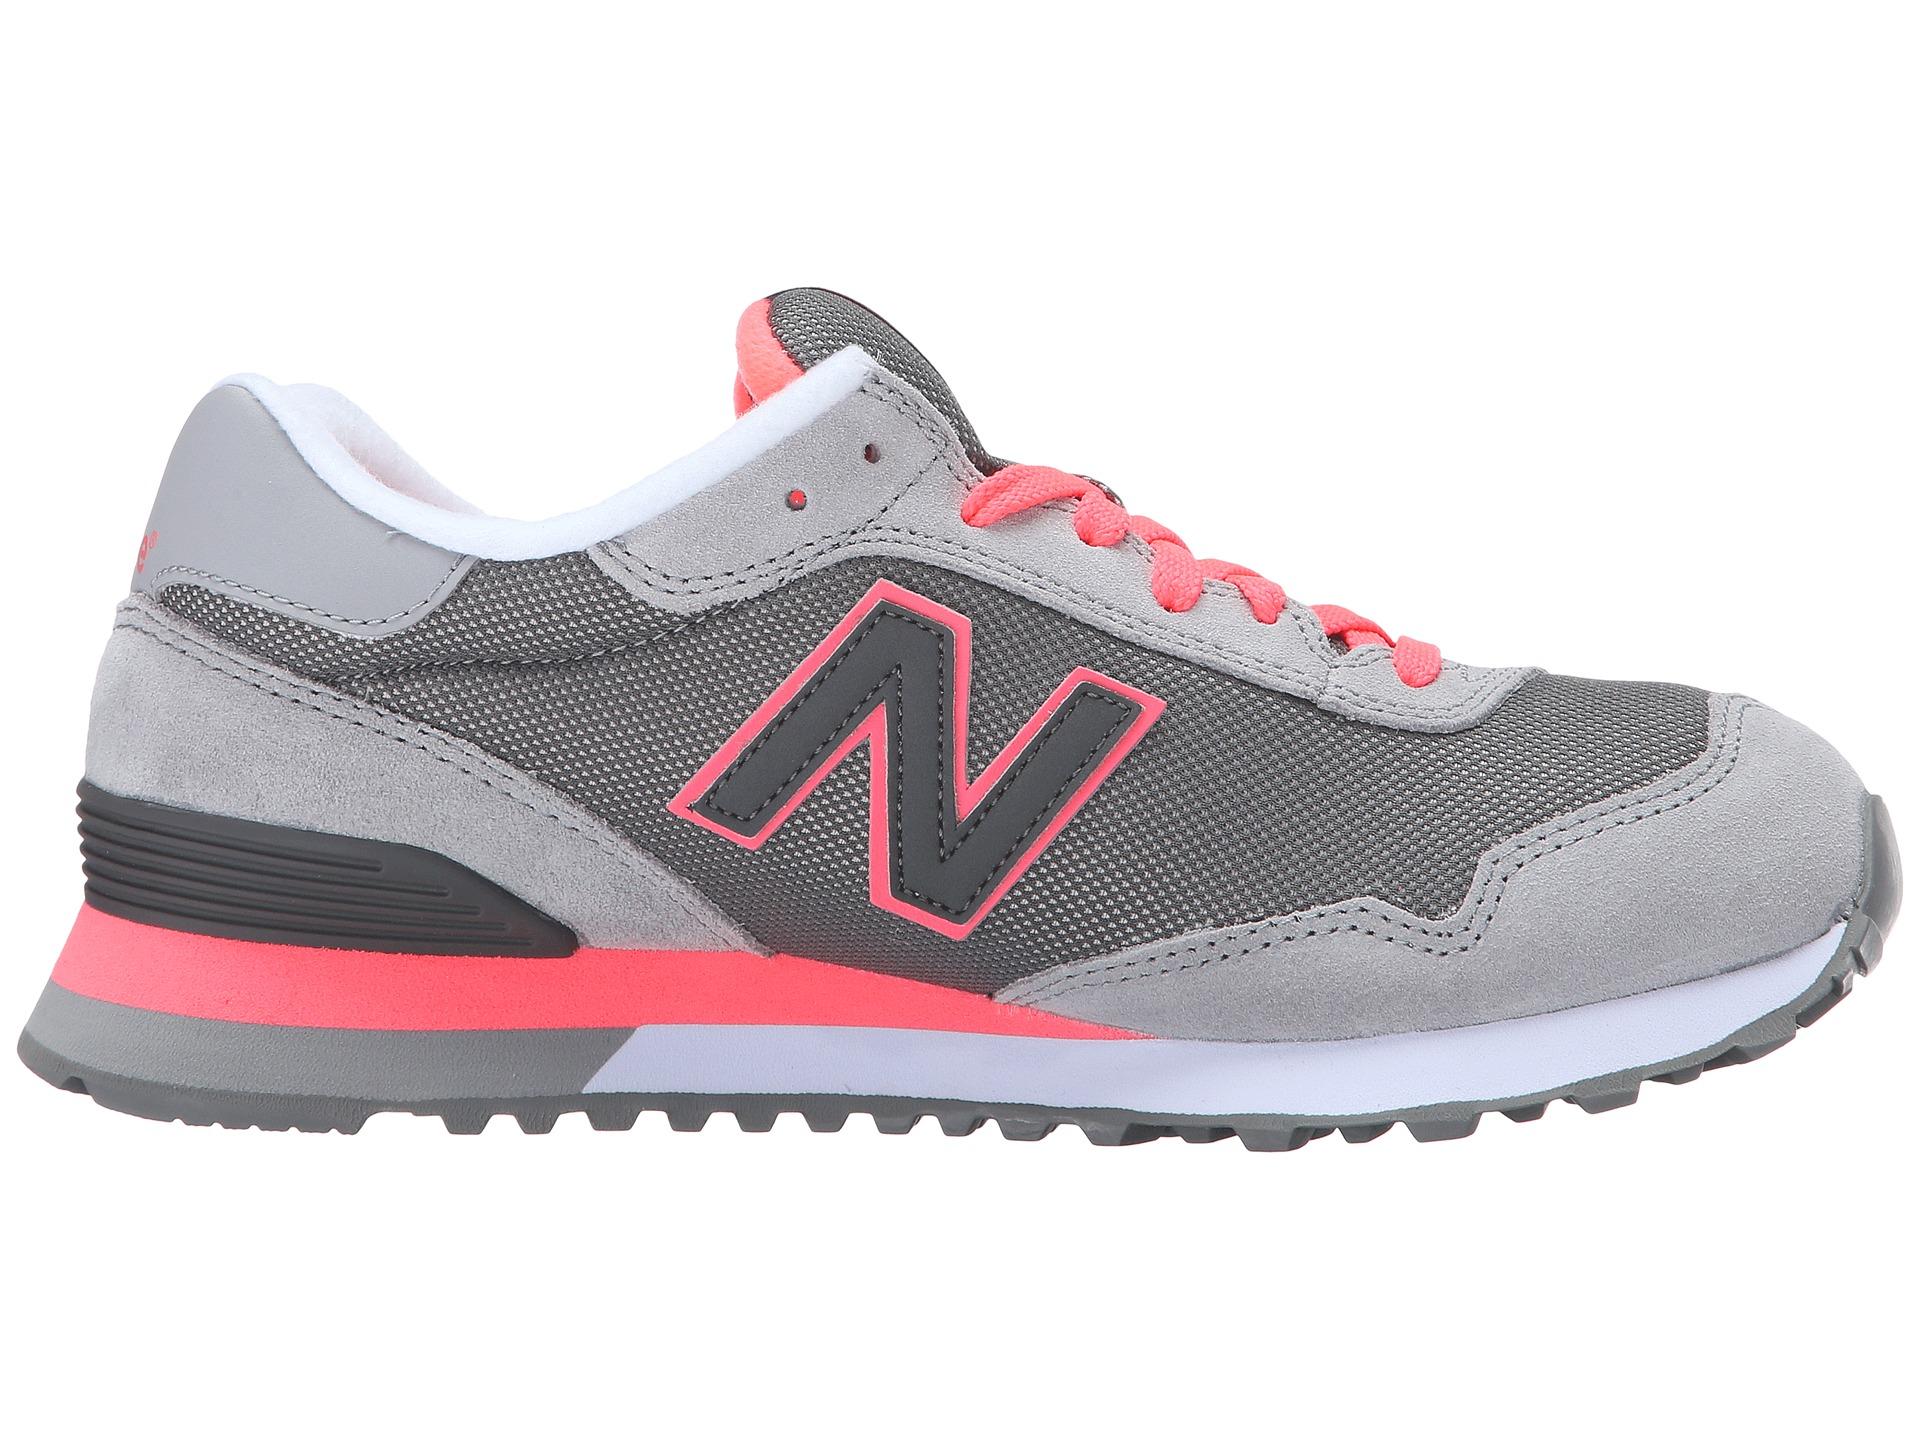 New Balance Walking Shoe For Women  A